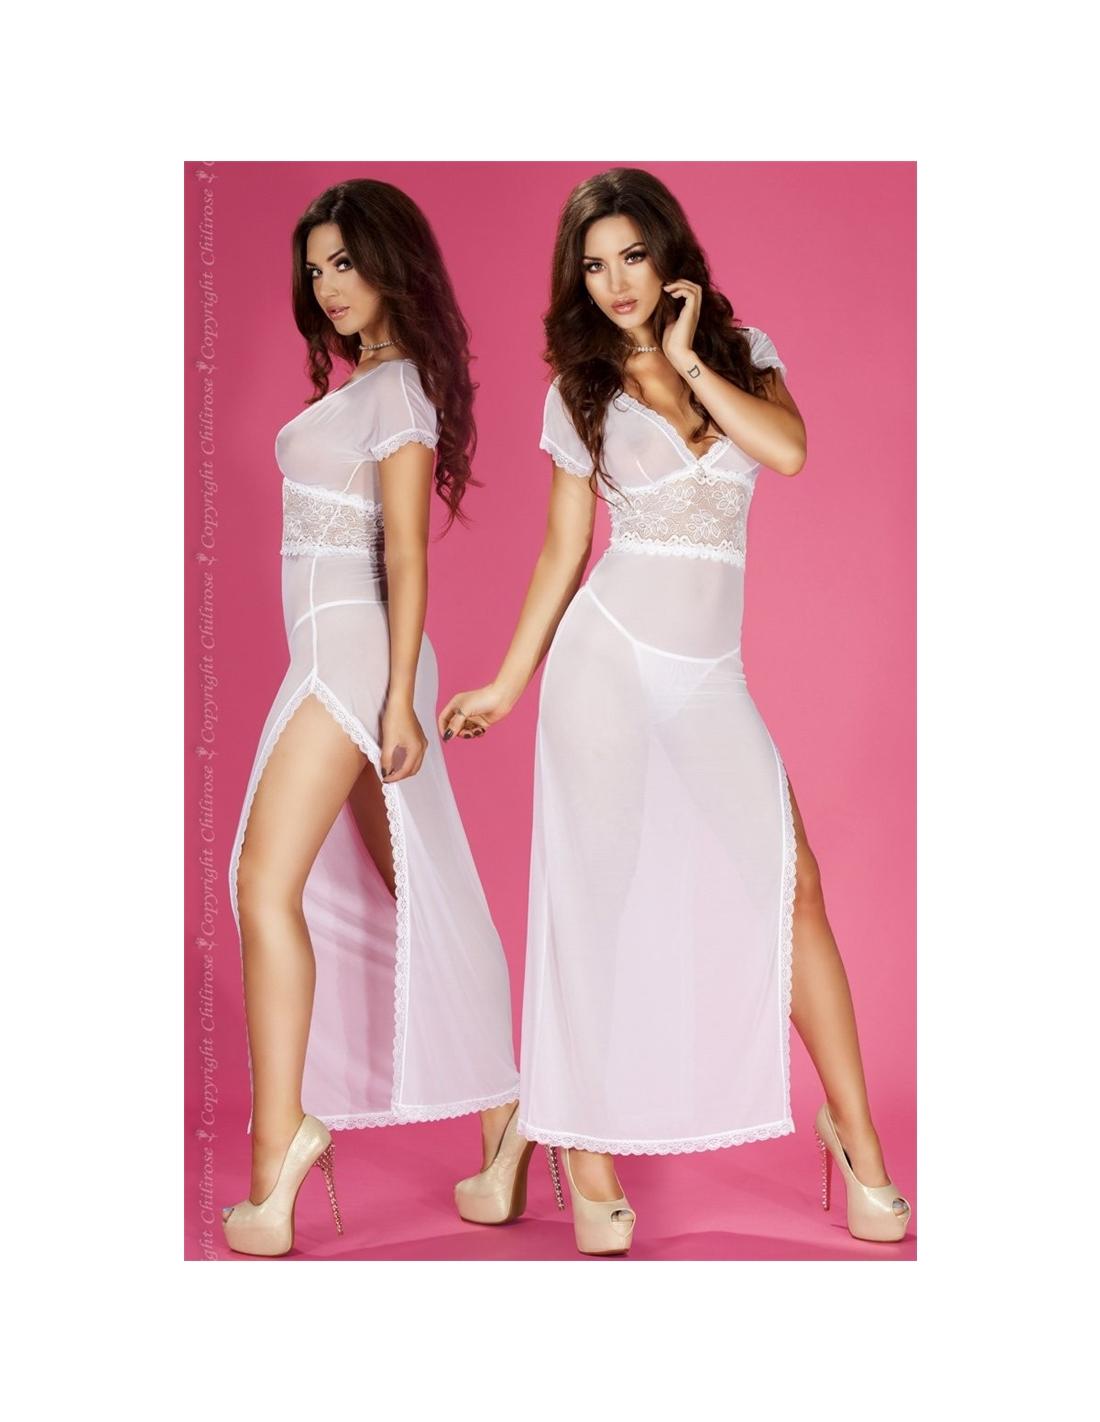 Camisa De Noite E Tanga Cr-3625 Branca - 36-38 S/M - PR2010323902